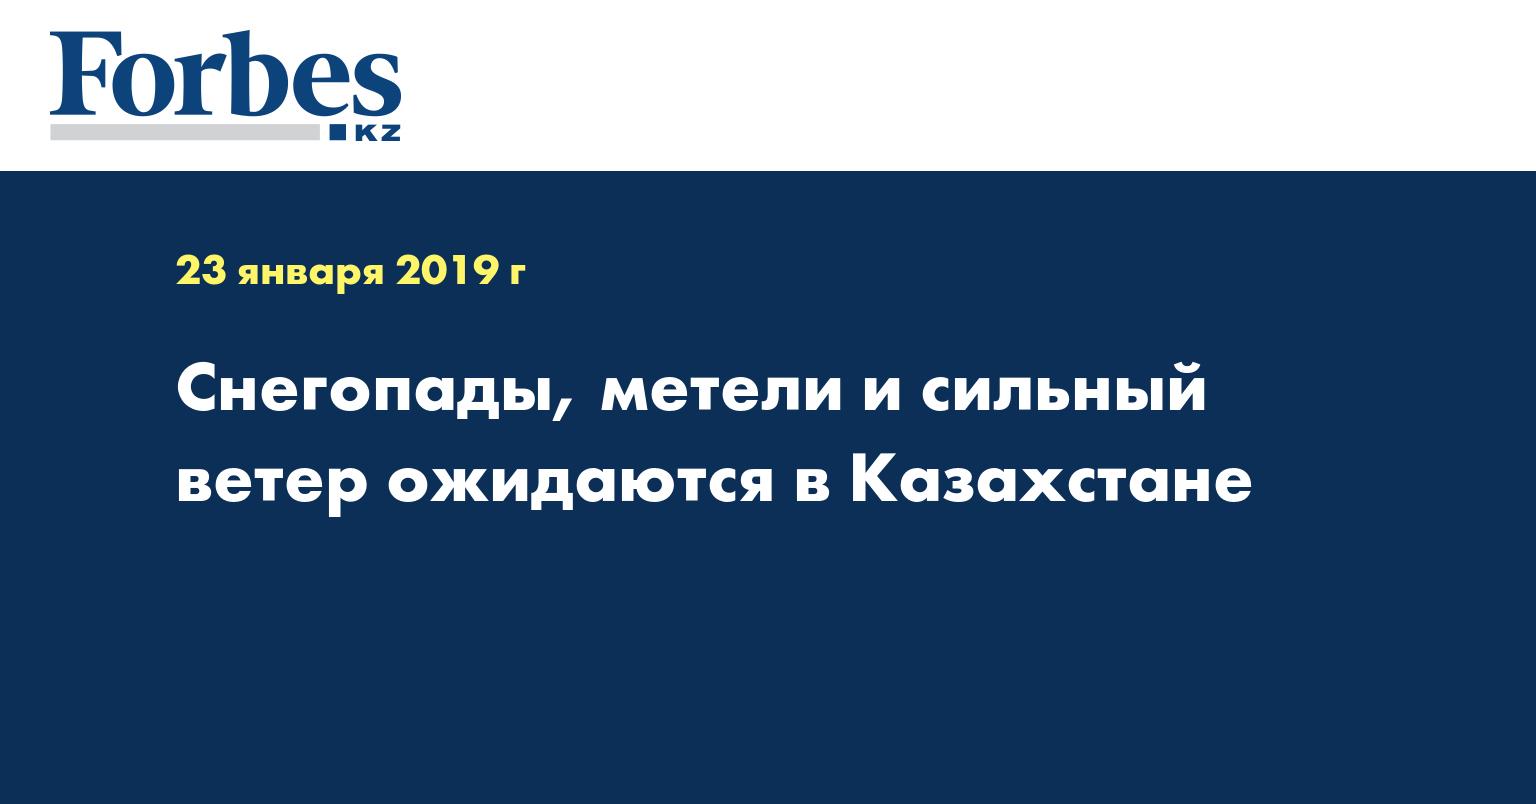 Снегопады, метели и сильный ветер ожидаются в Казахстане